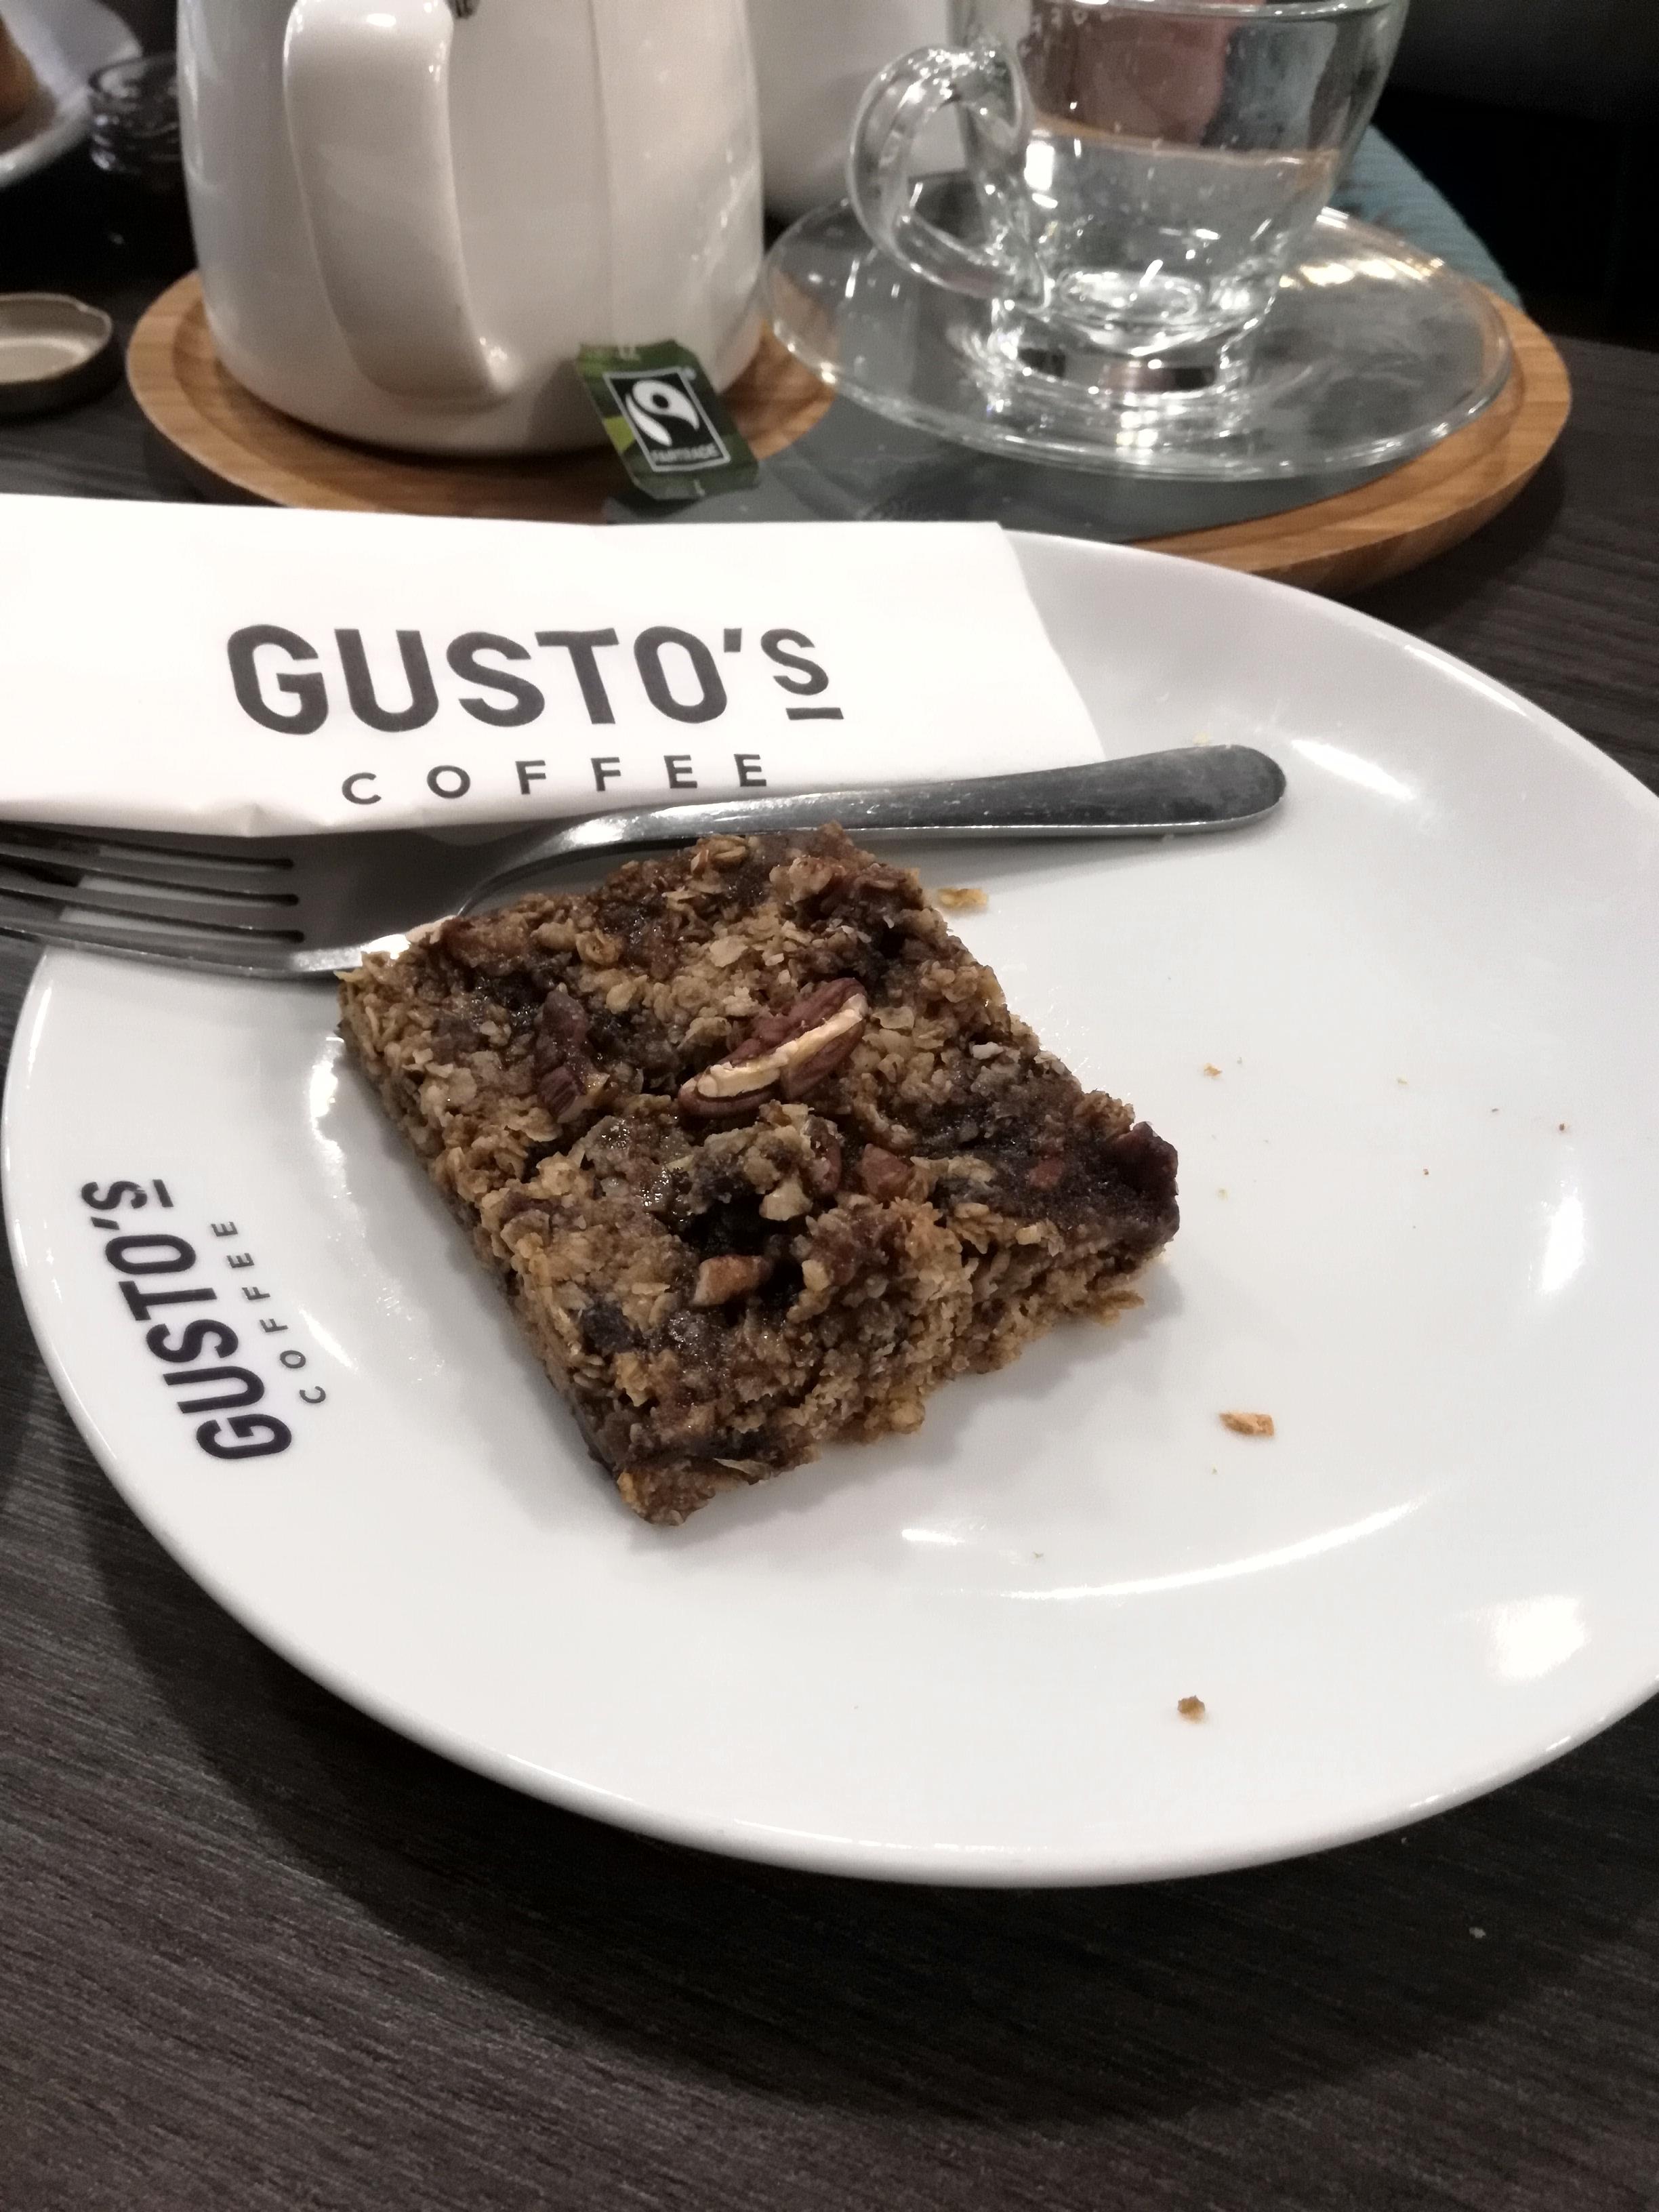 Gusto's vegan cake